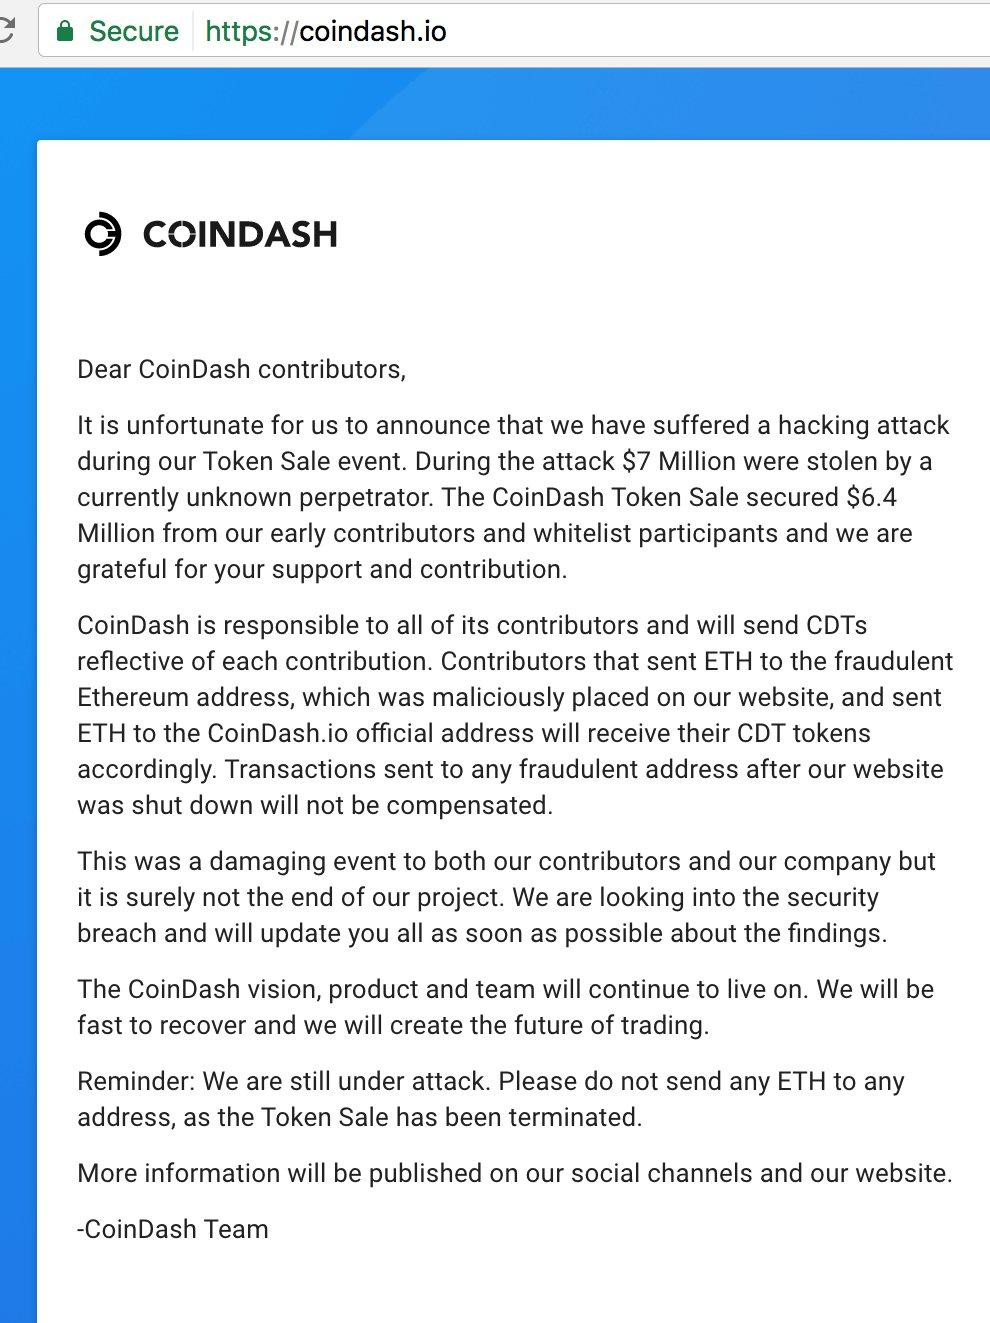 Hacker Steals $7 Million Worth of Ethereum From CoinDash Platform